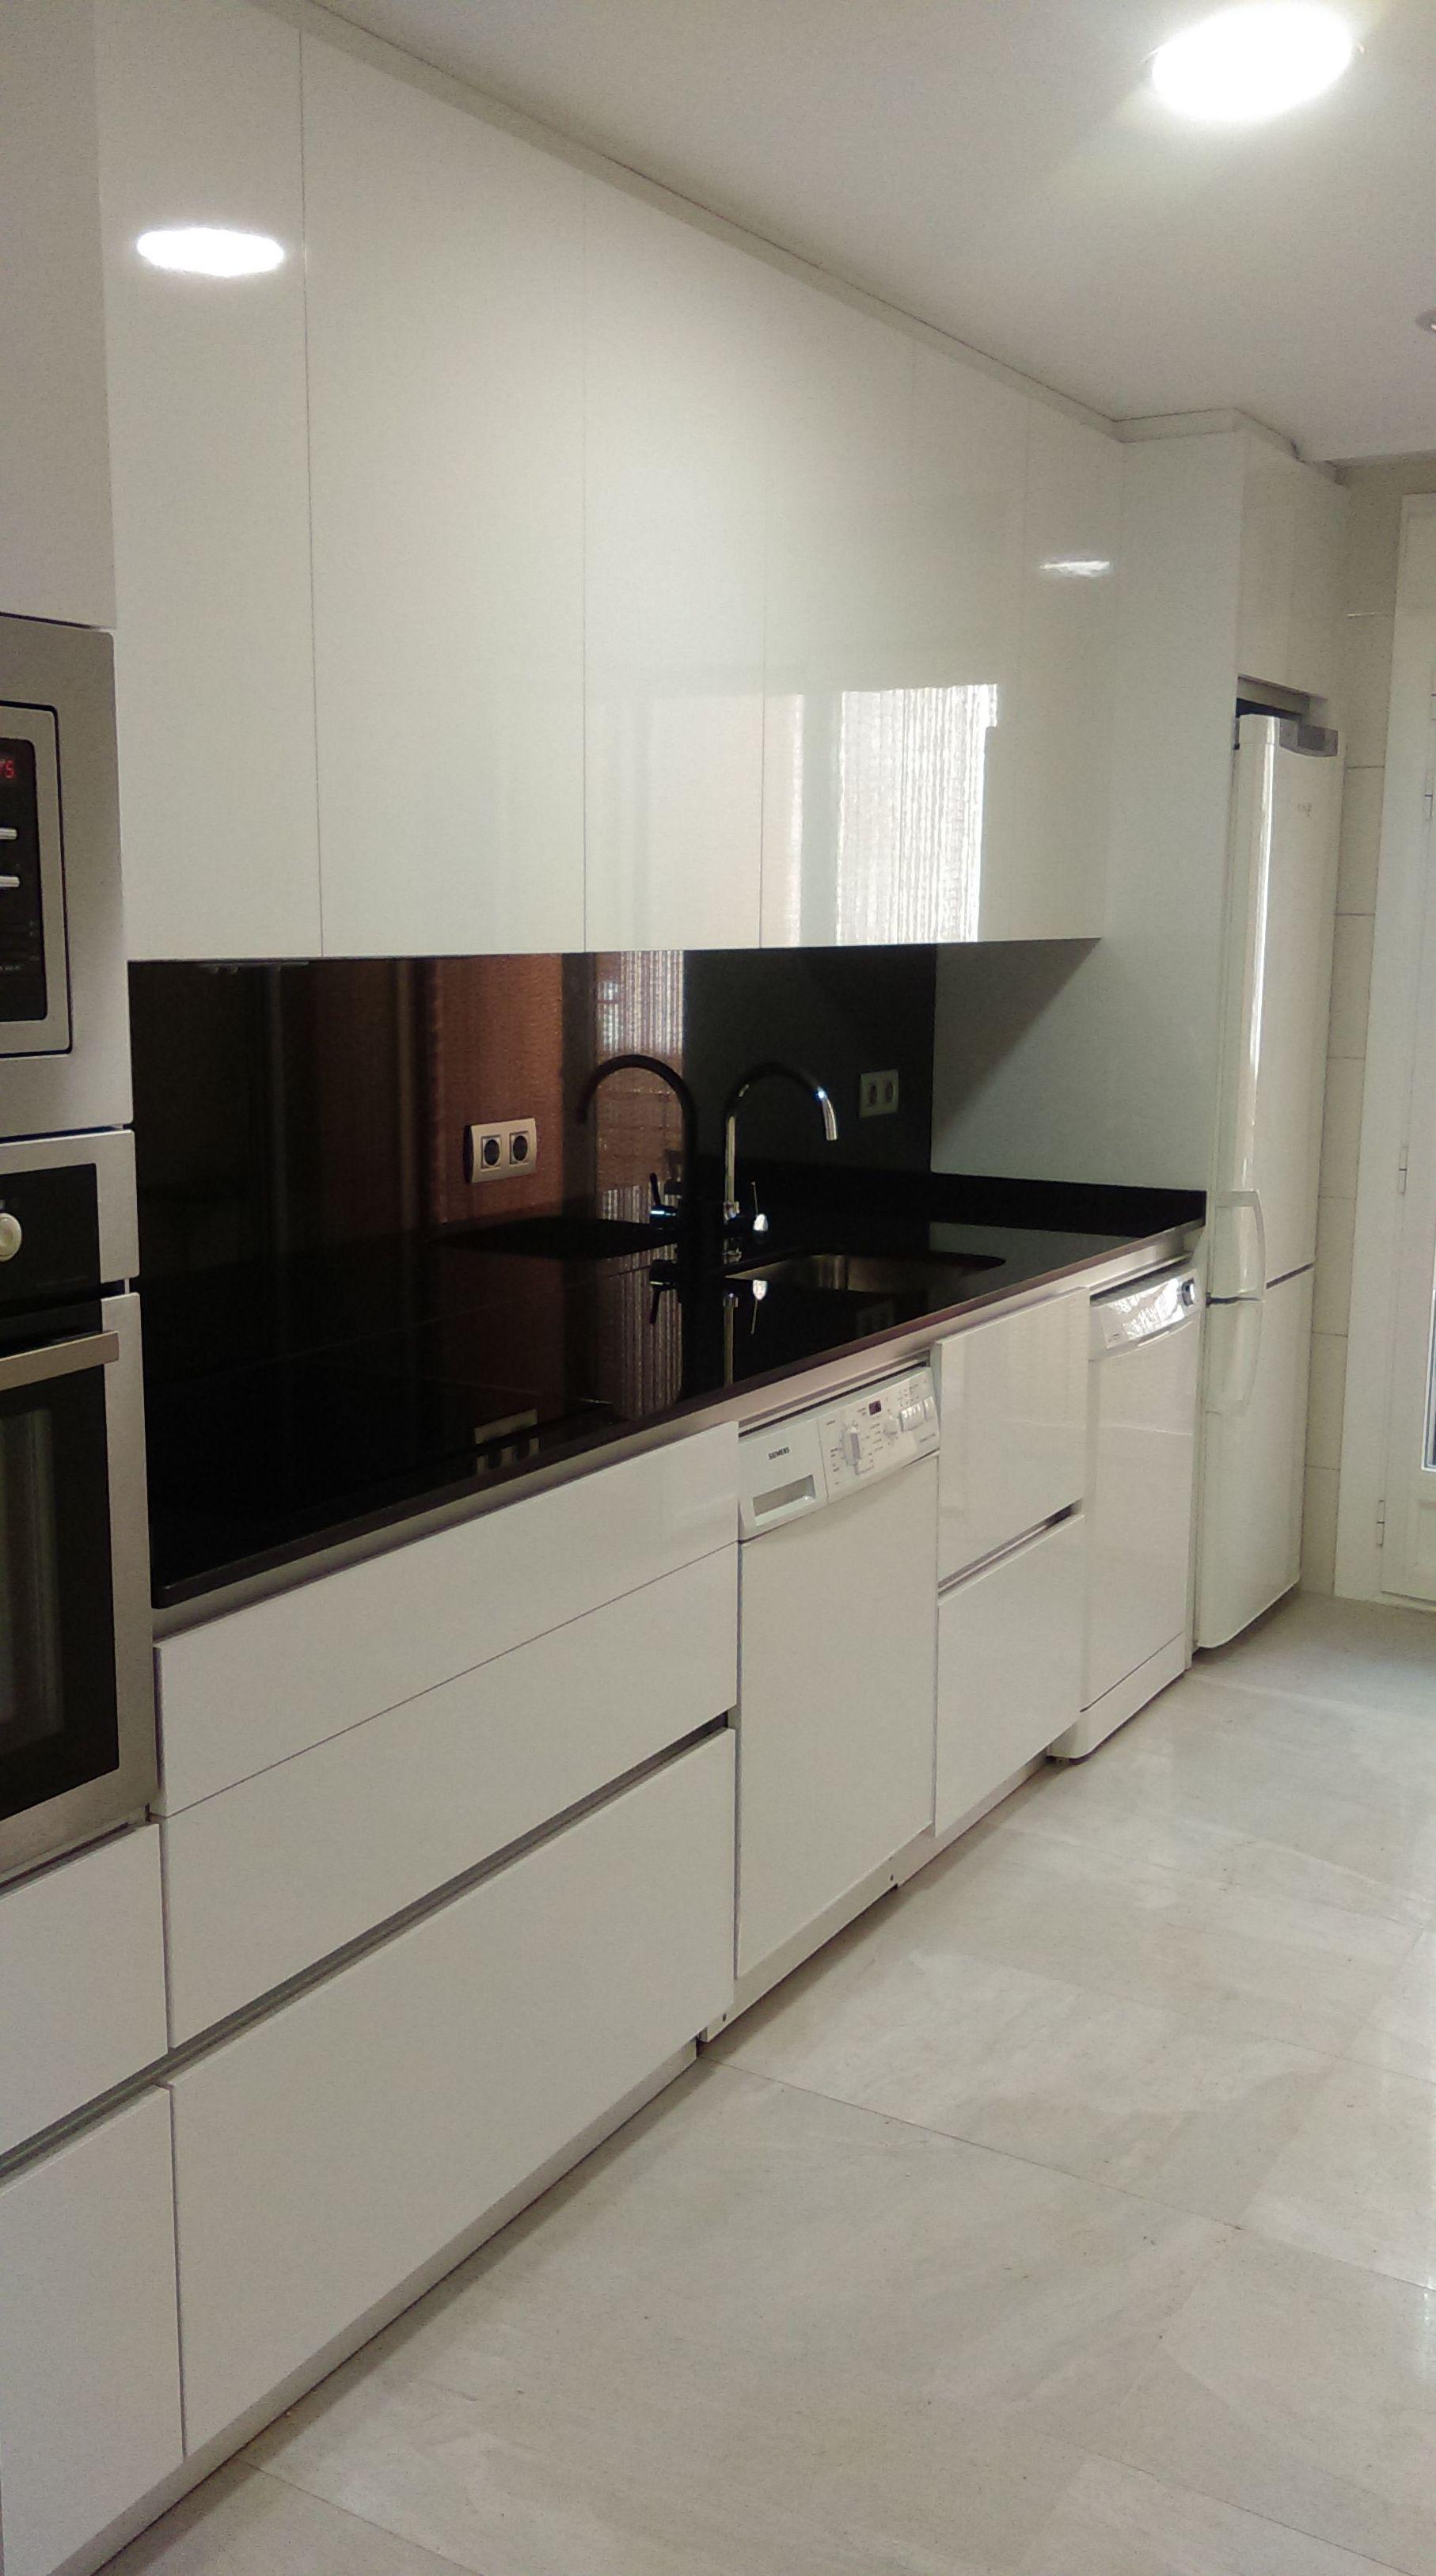 Foto 54 de Muebles de baño y cocina en Logroño | Electrodomésticos Waldy